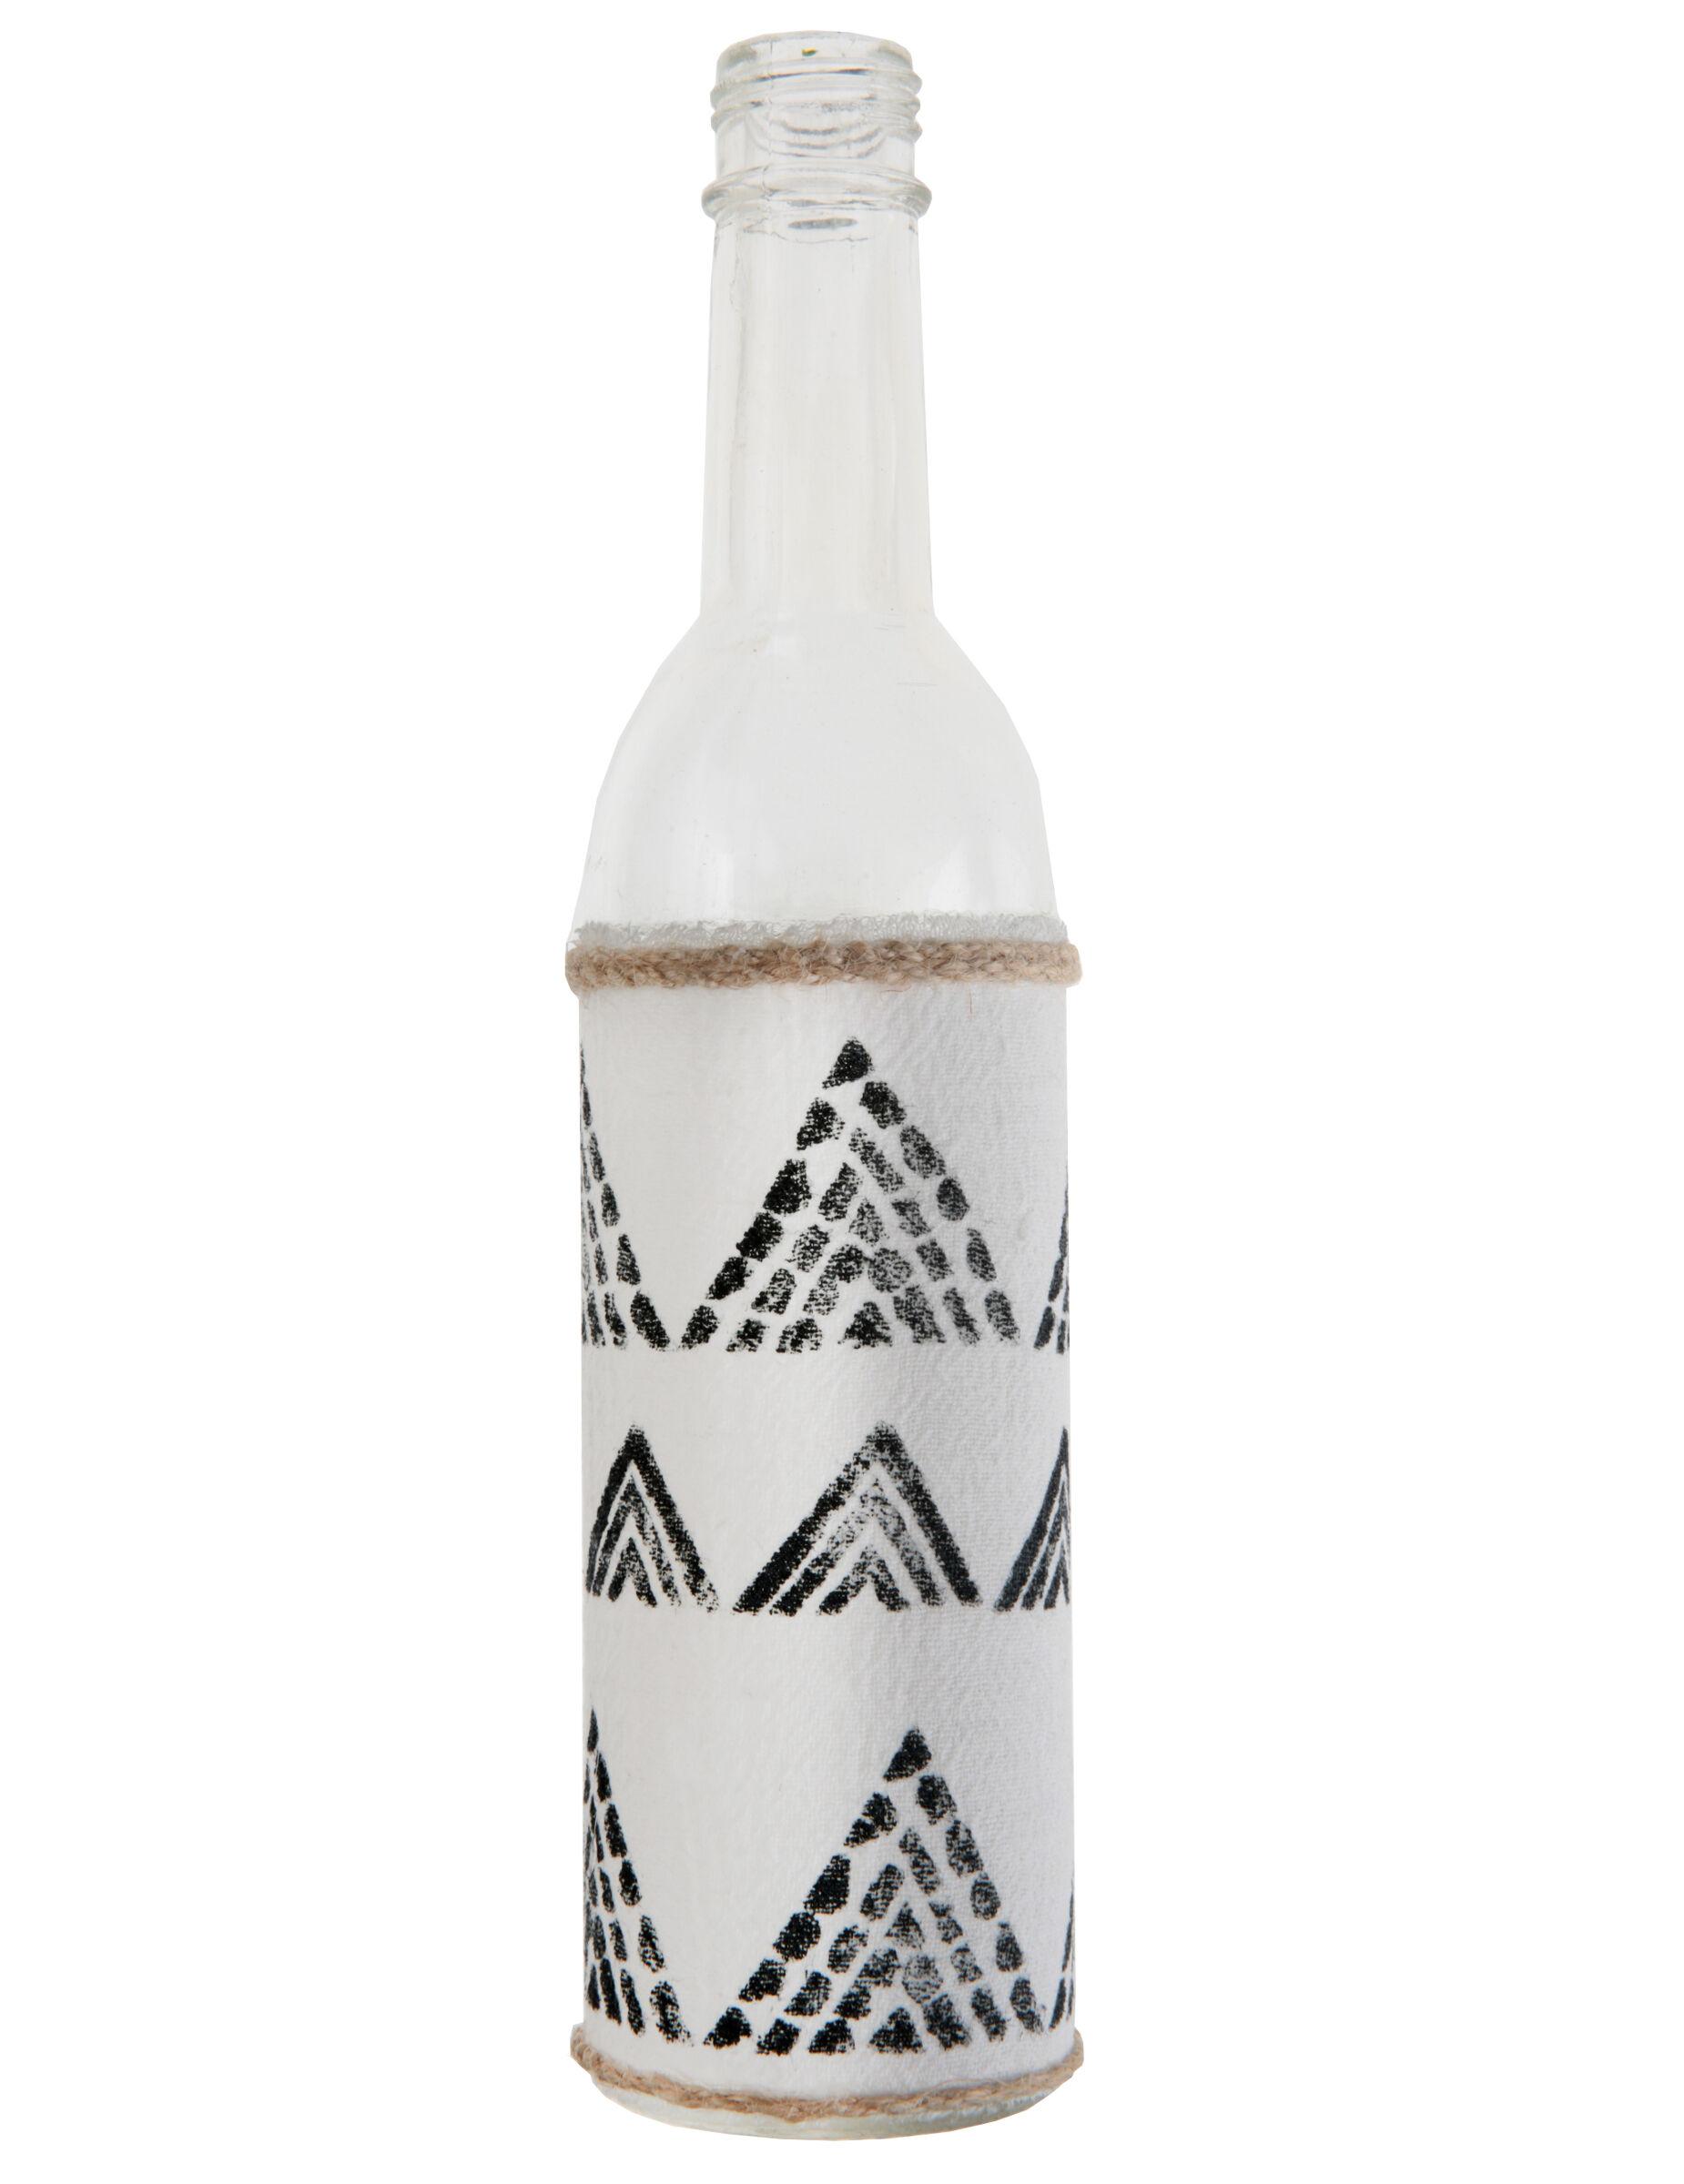 VegaooParty Bouteille en verre Ethnique blanche et noire 25 cm